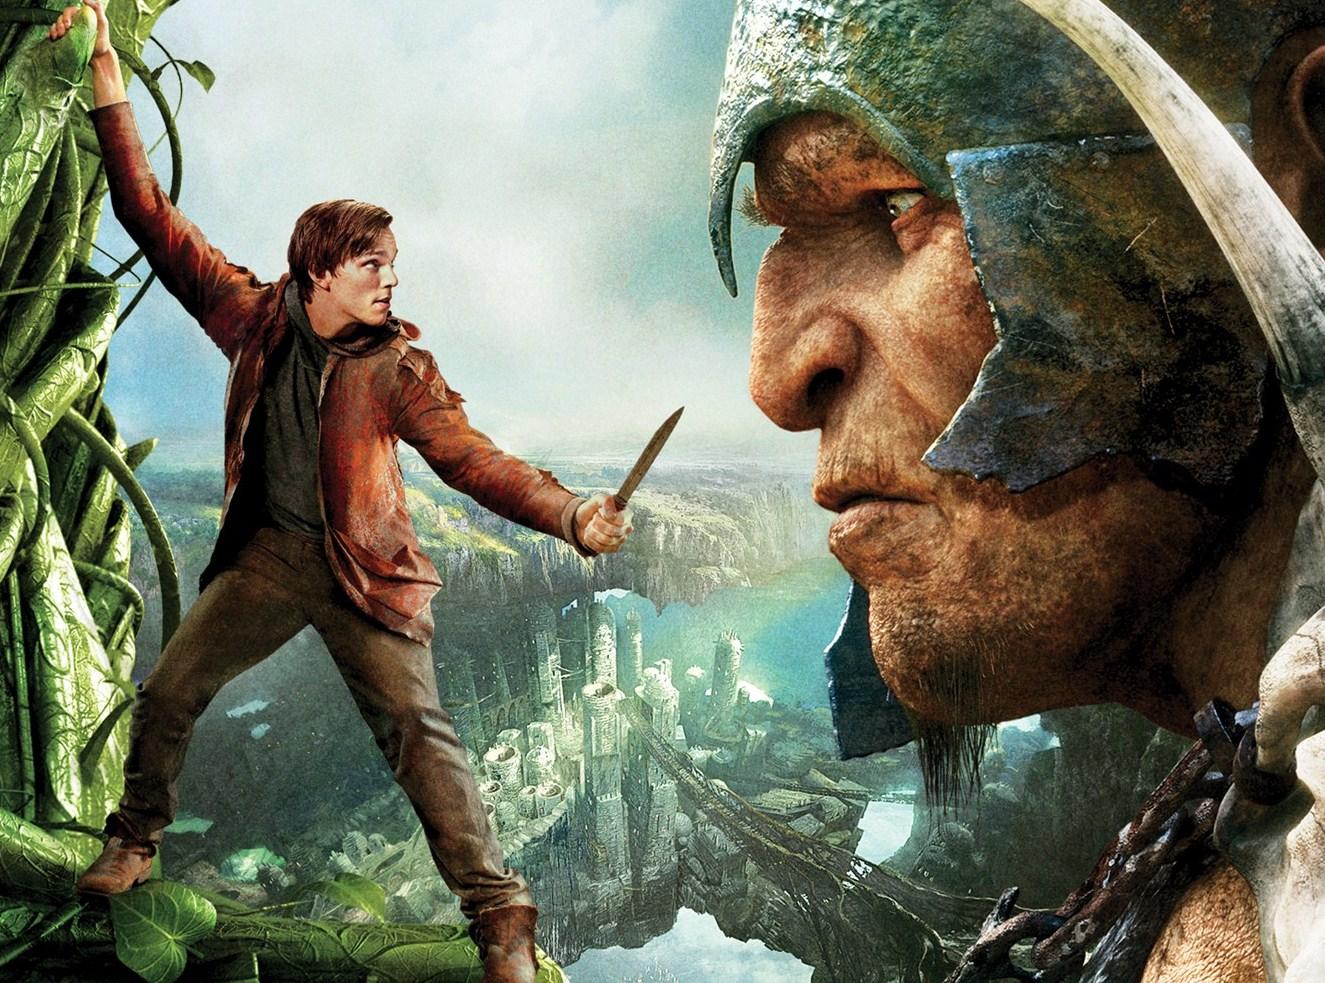 Джек покоритель великанов постер фильм скачать